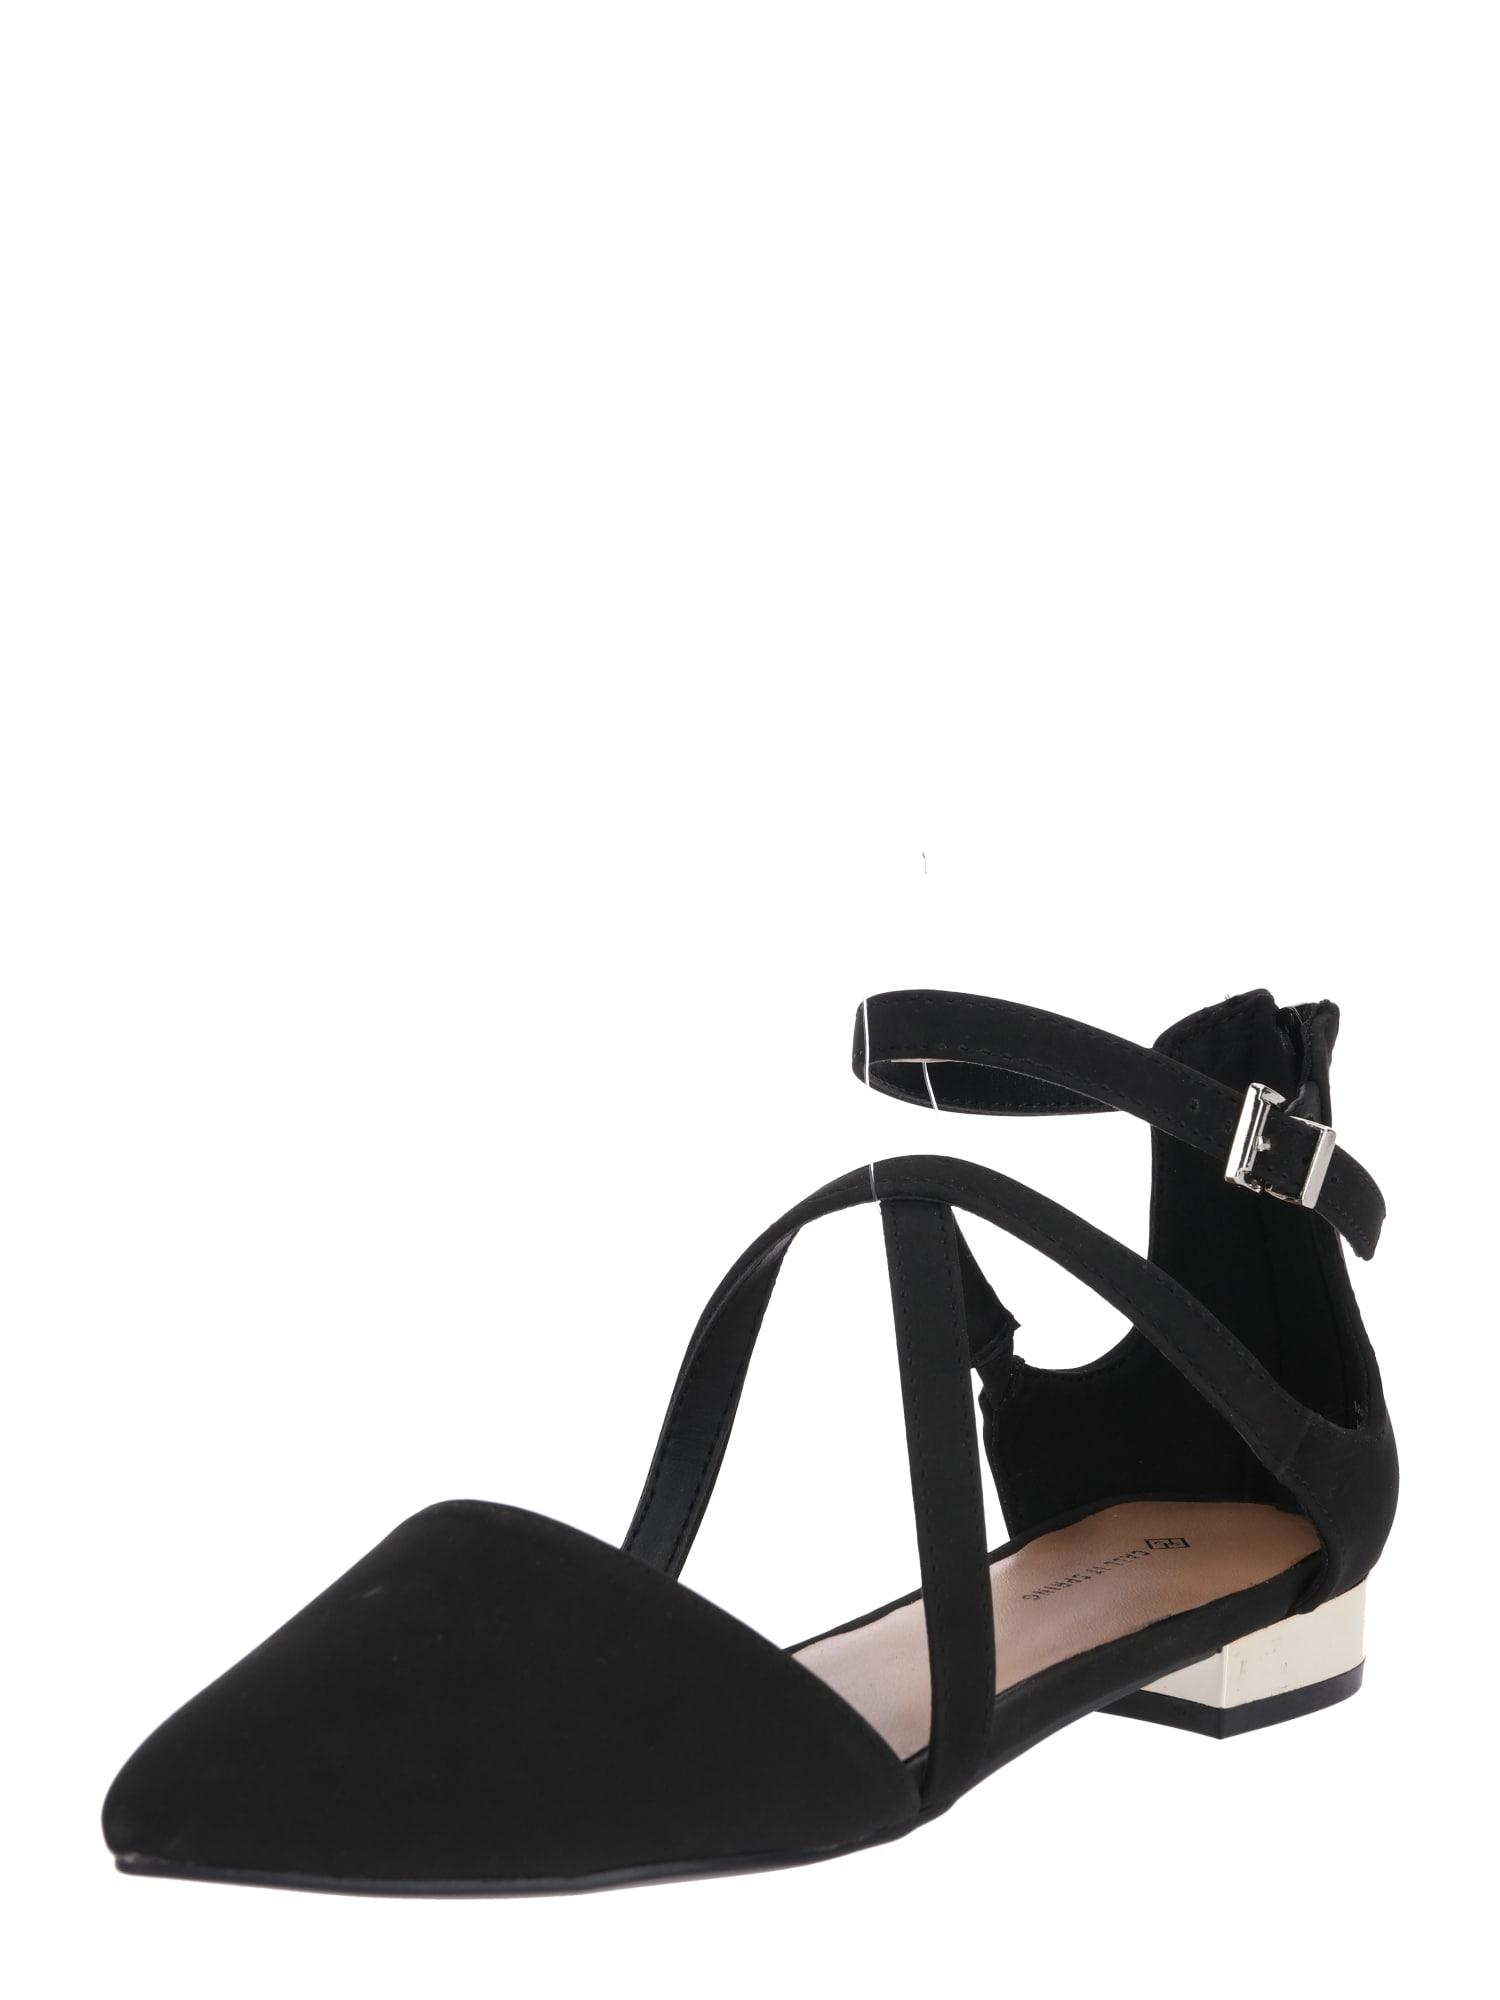 Páskové sandály WATERY černá CALL IT SPRING